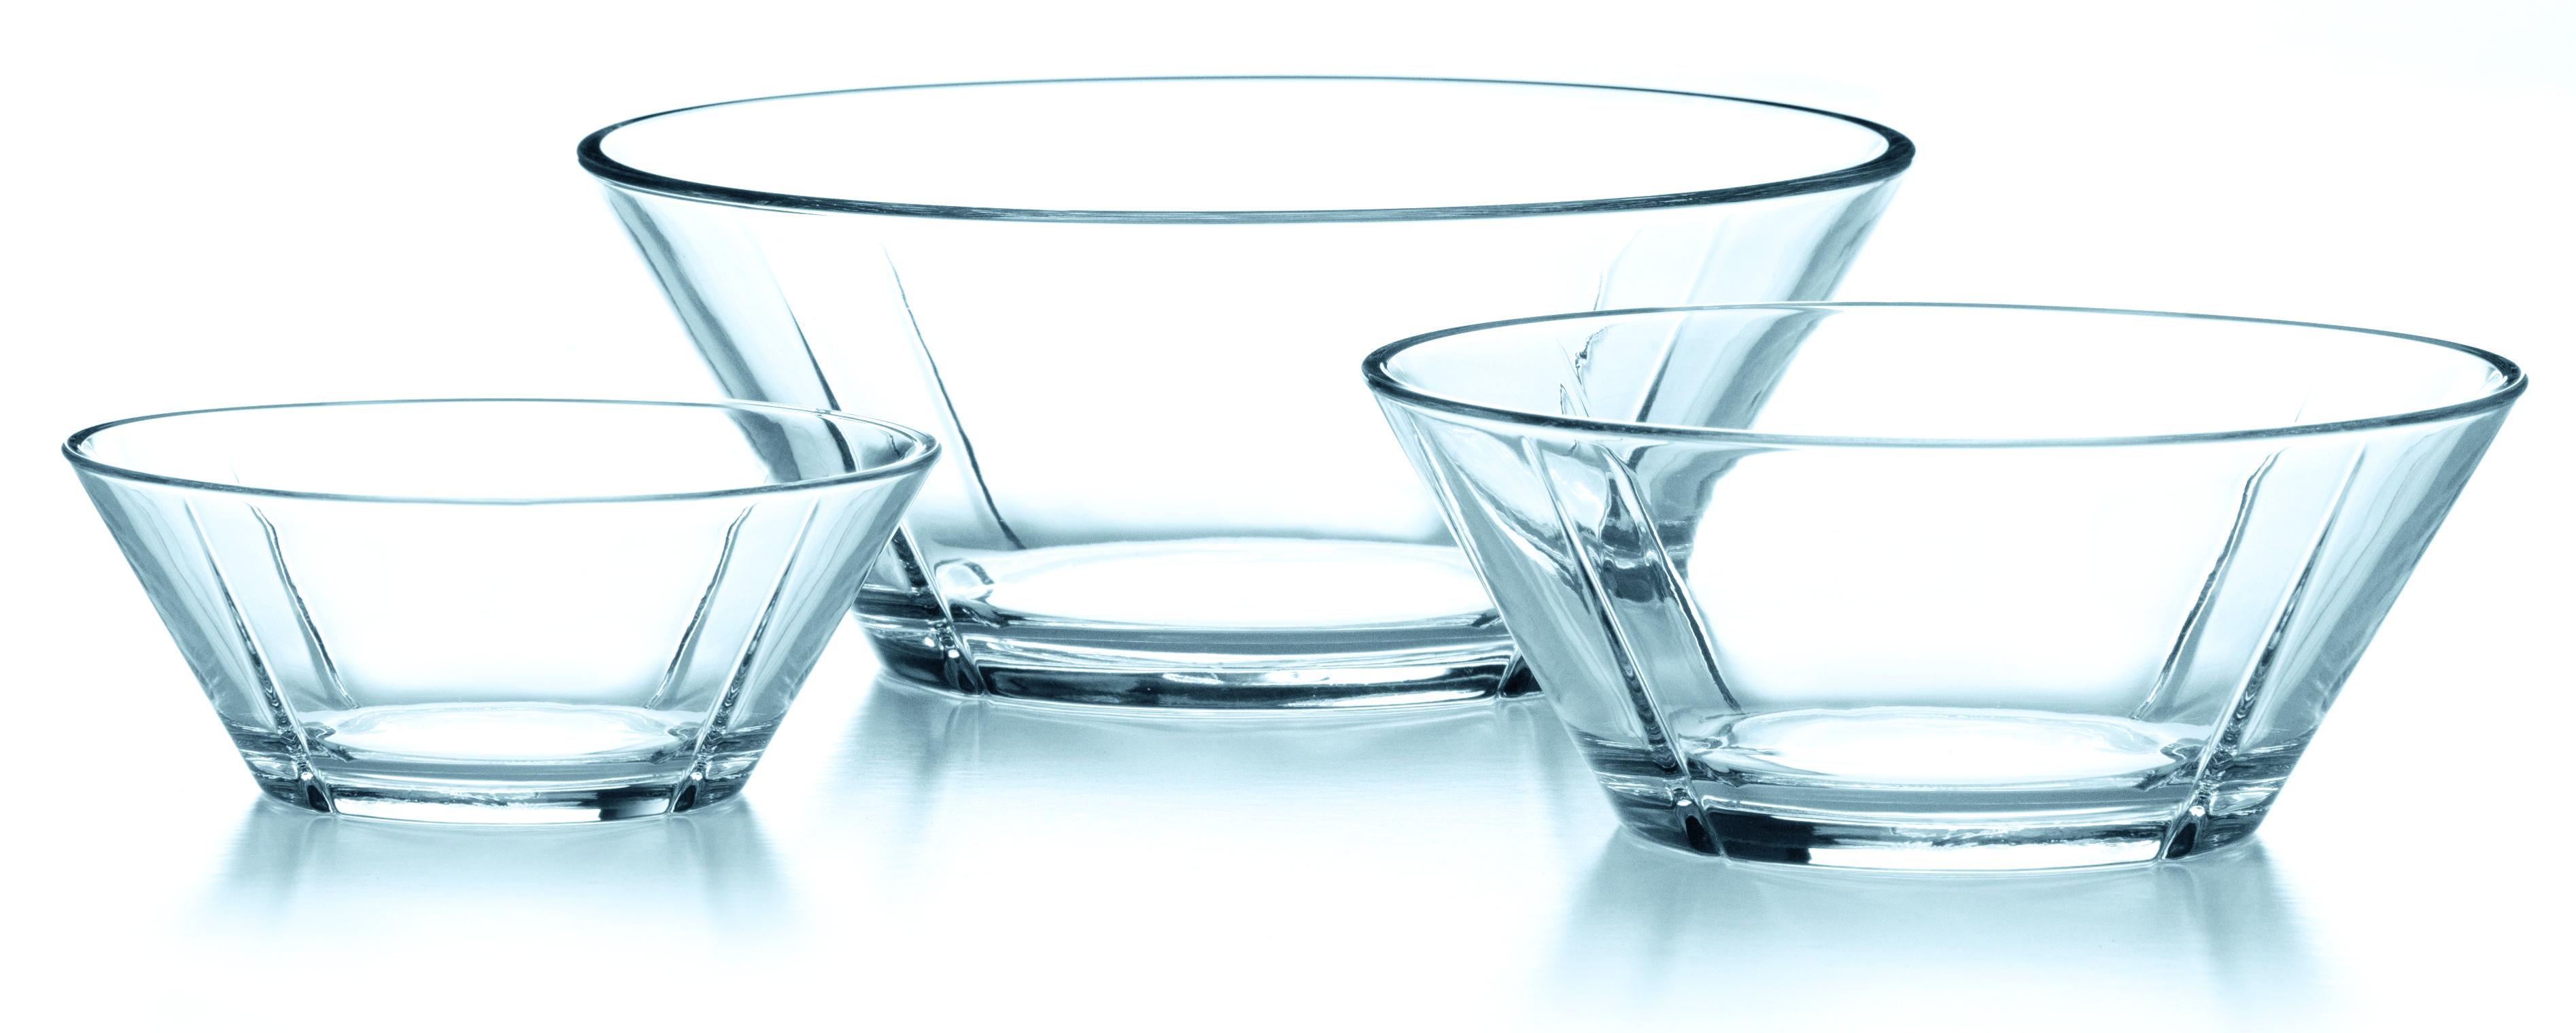 Rosendahl Grand Cru Glasskålar 3 st